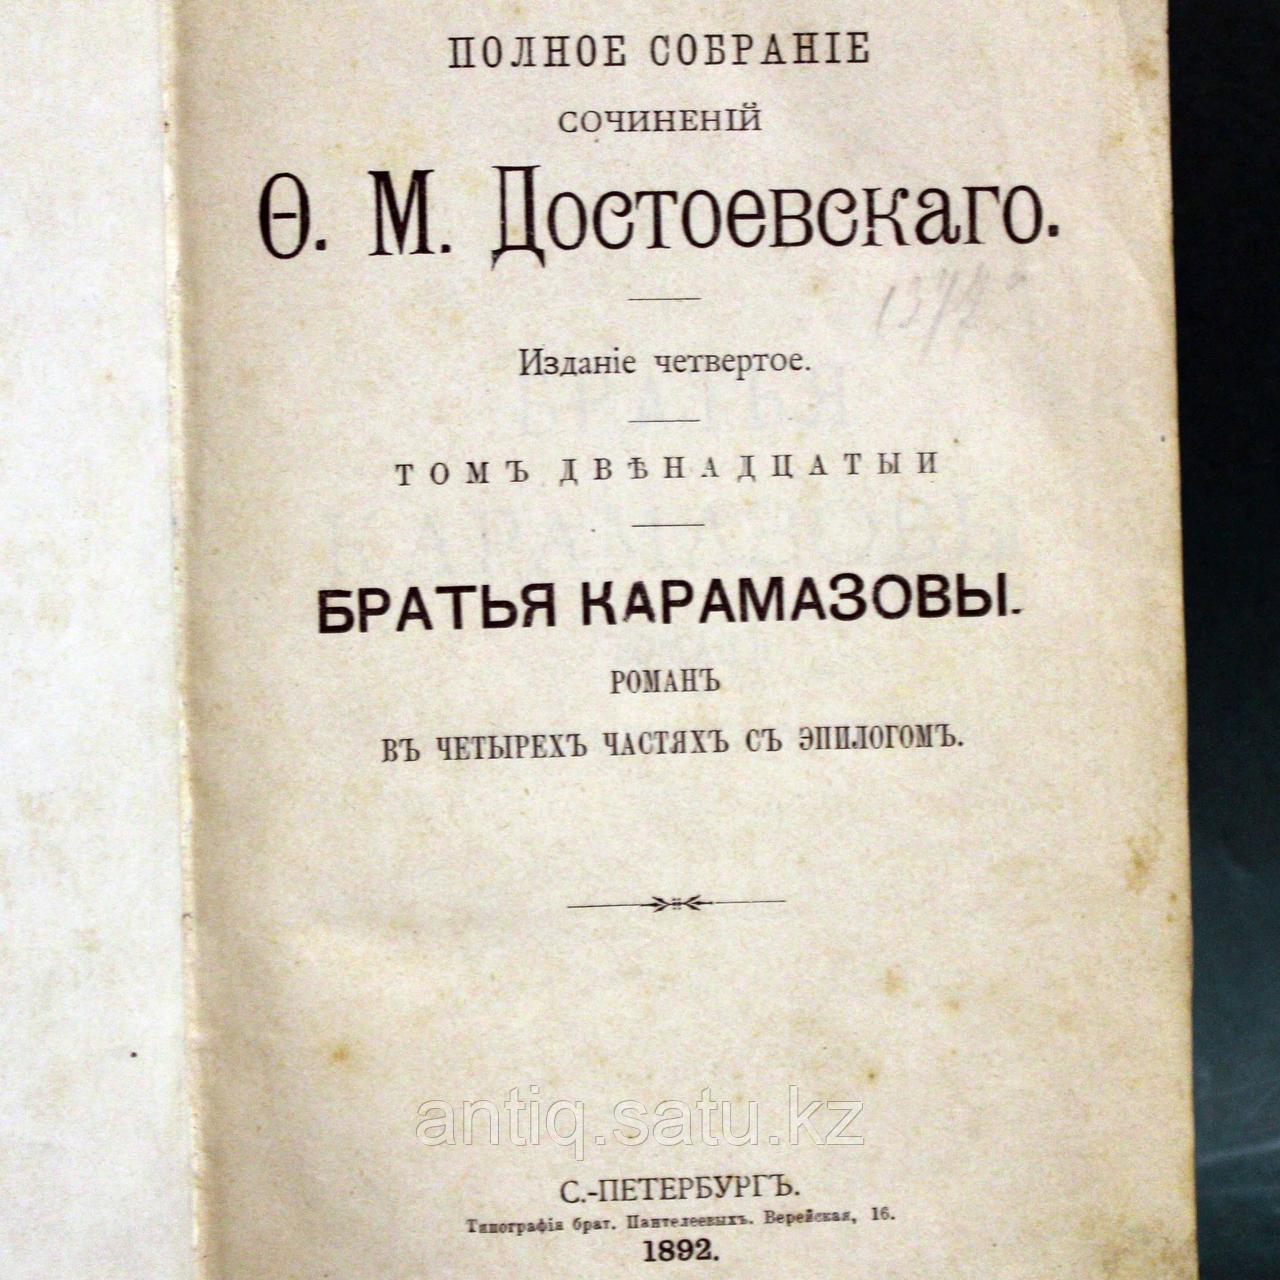 «БРАТЬЯ КАРАМАЗОВЫ» Автор - Ф. М. Достоевский (1821-1881). - фото 4